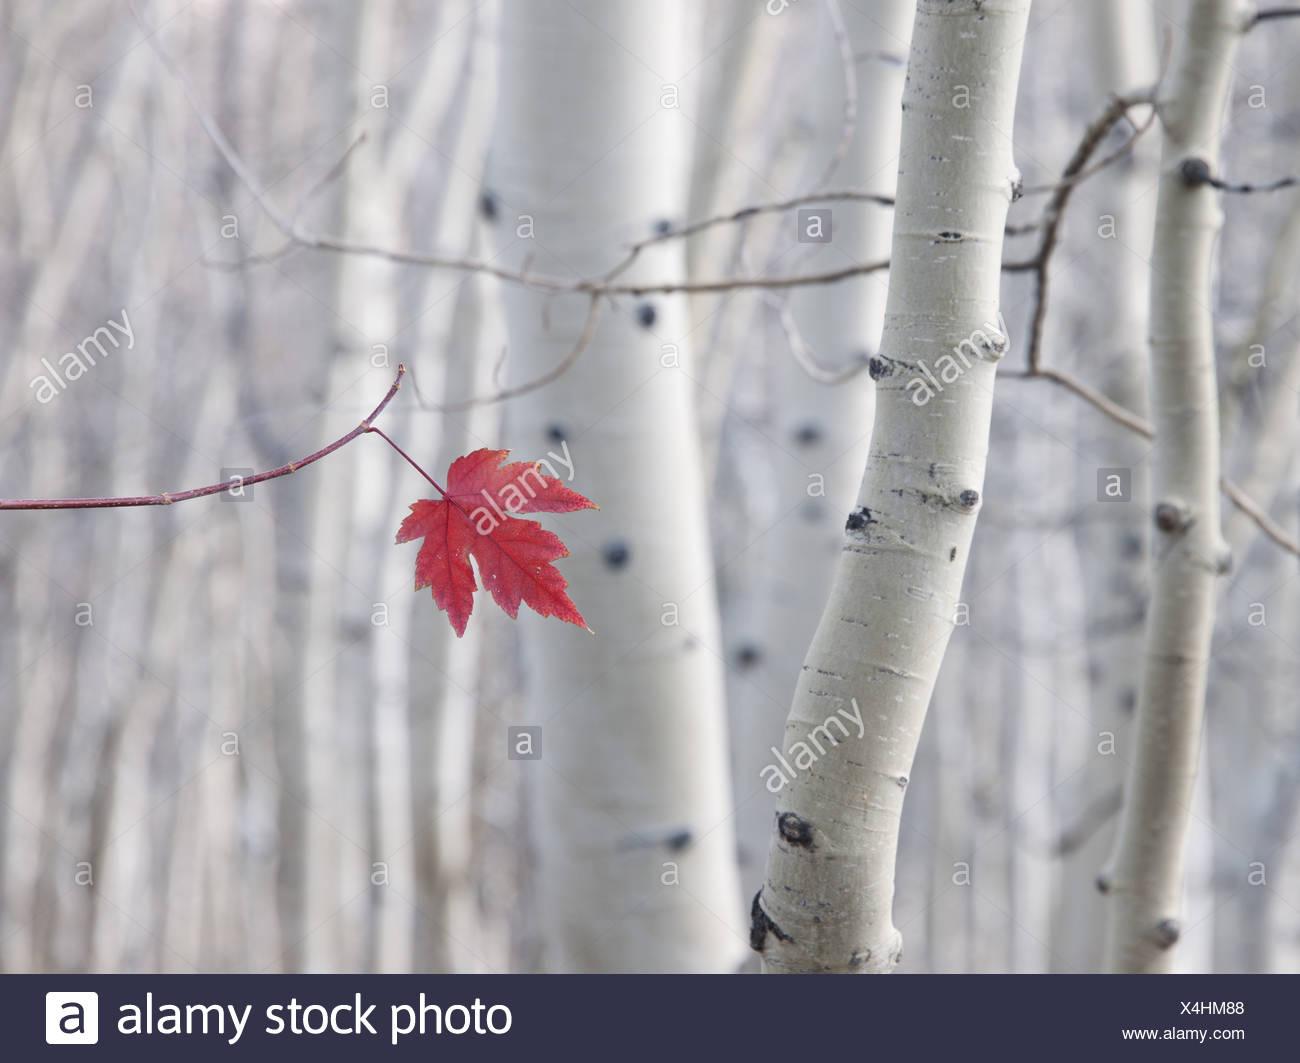 Un singolo rosse foglie di acero in autunno, contro uno sfondo di Aspen Tree trunk con crema e bianco corteccia. Wasatch National Forest. Foto Stock